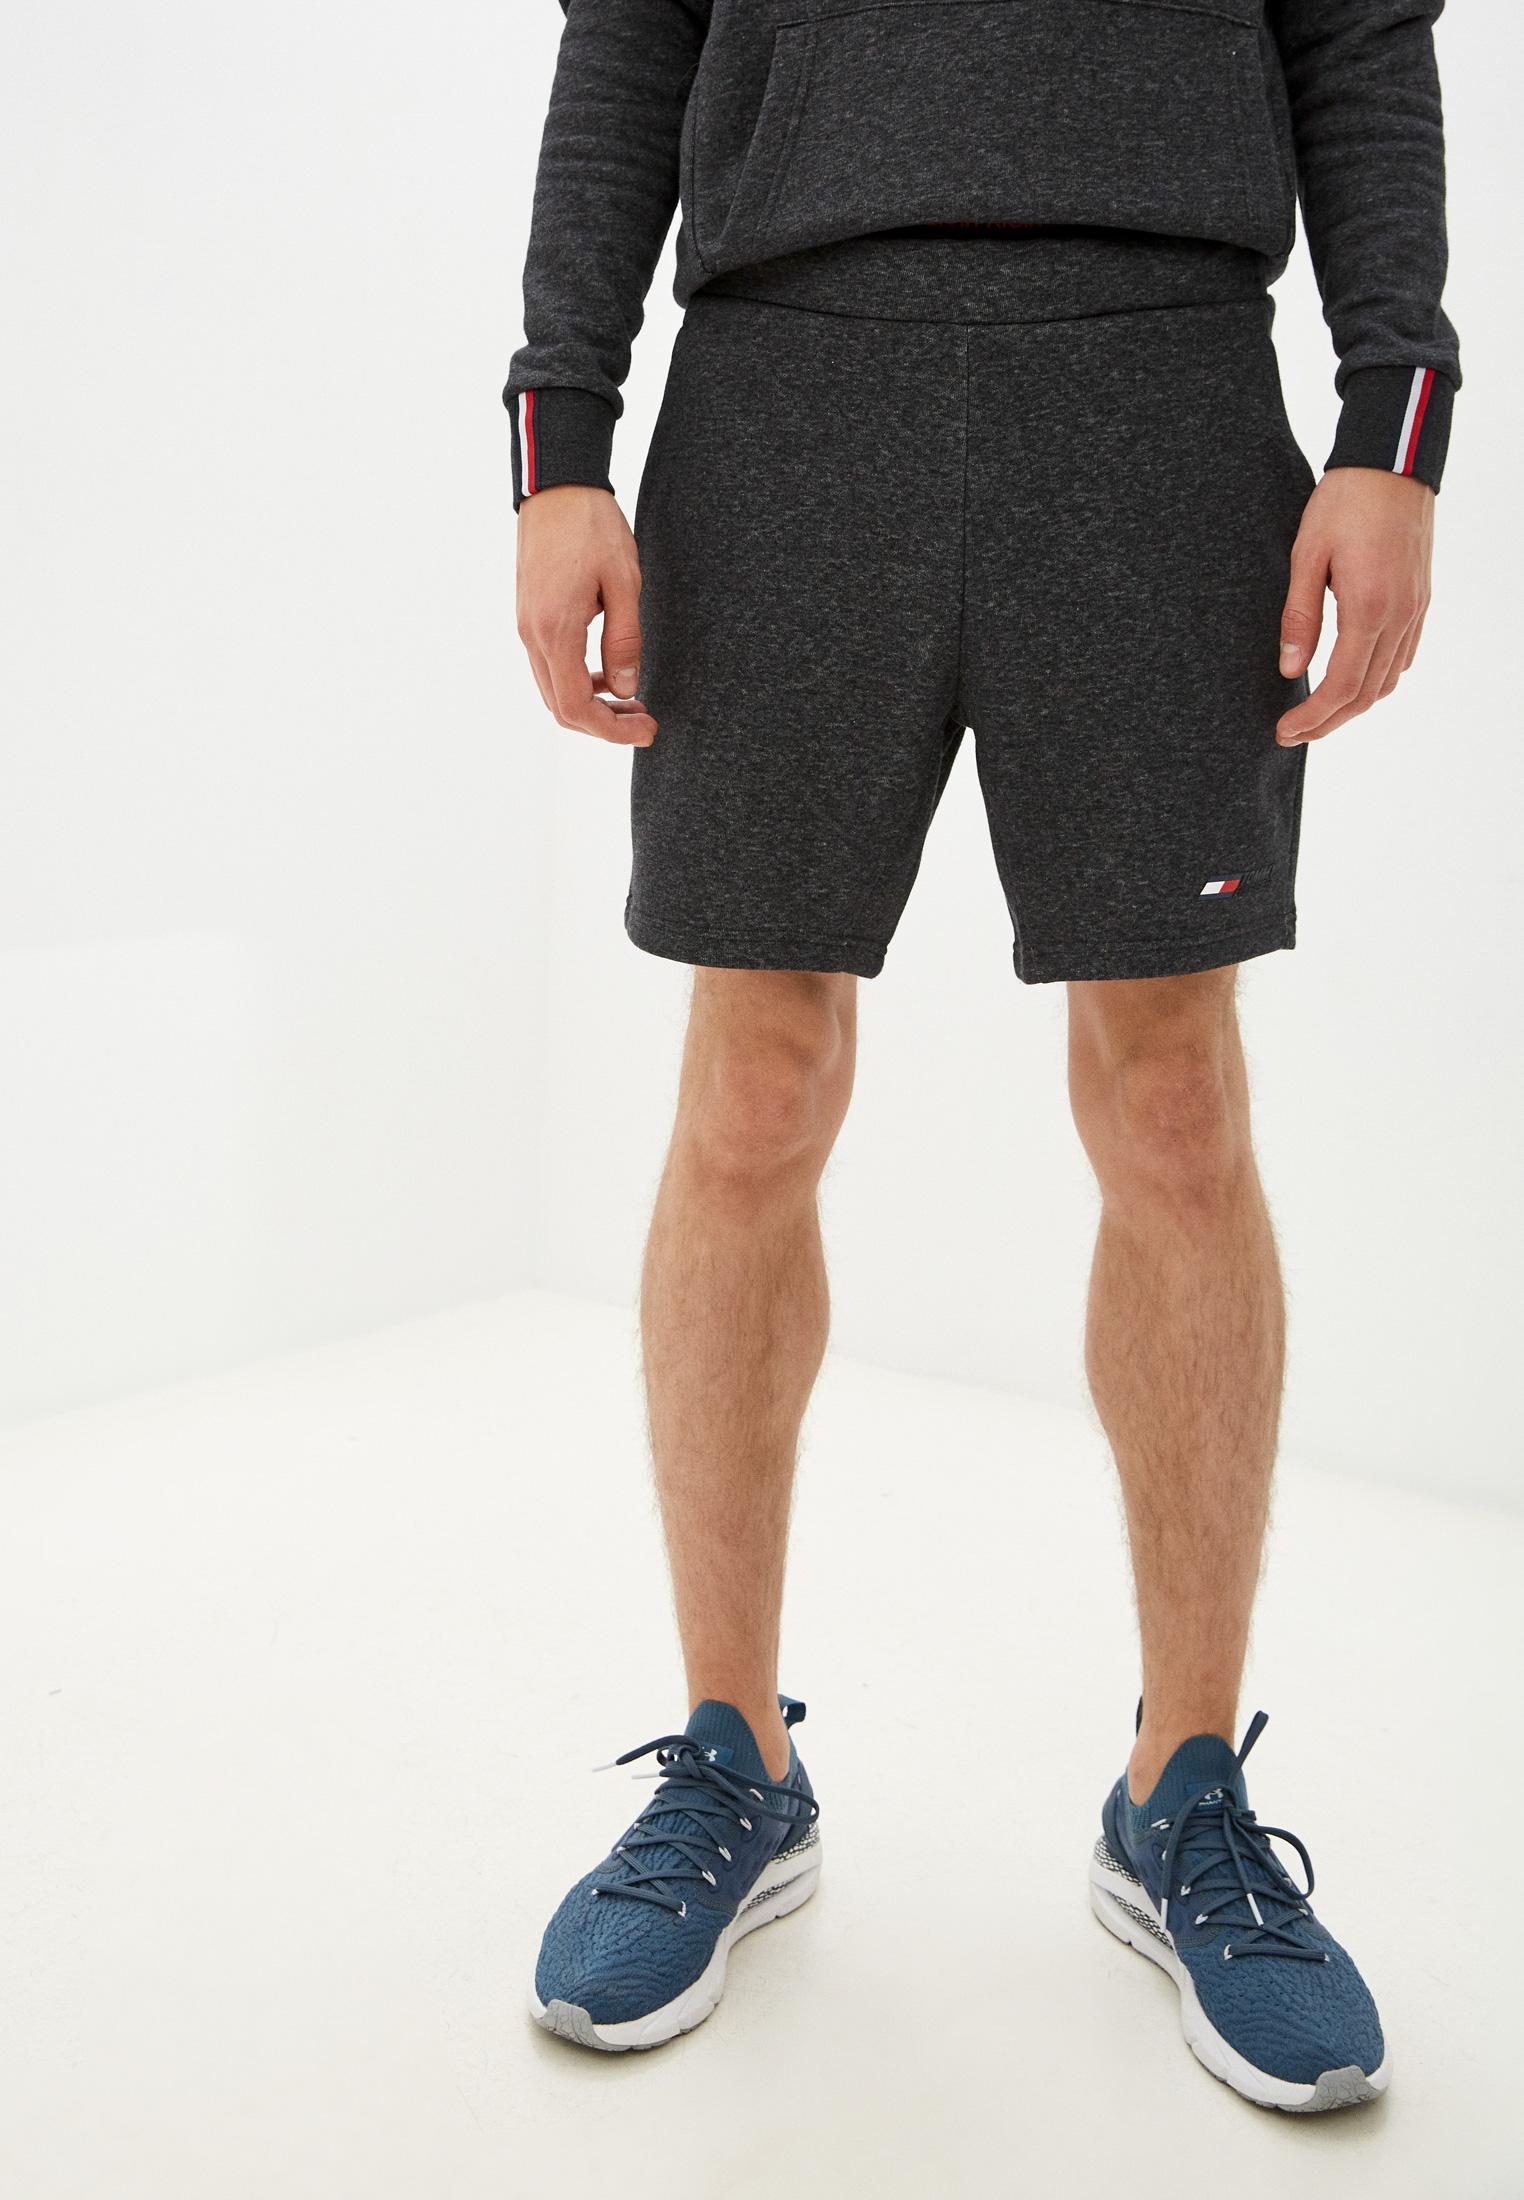 Мужские спортивные шорты Tommy Hilfiger (Томми Хилфигер) Шорты спортивные Tommy Hilfiger